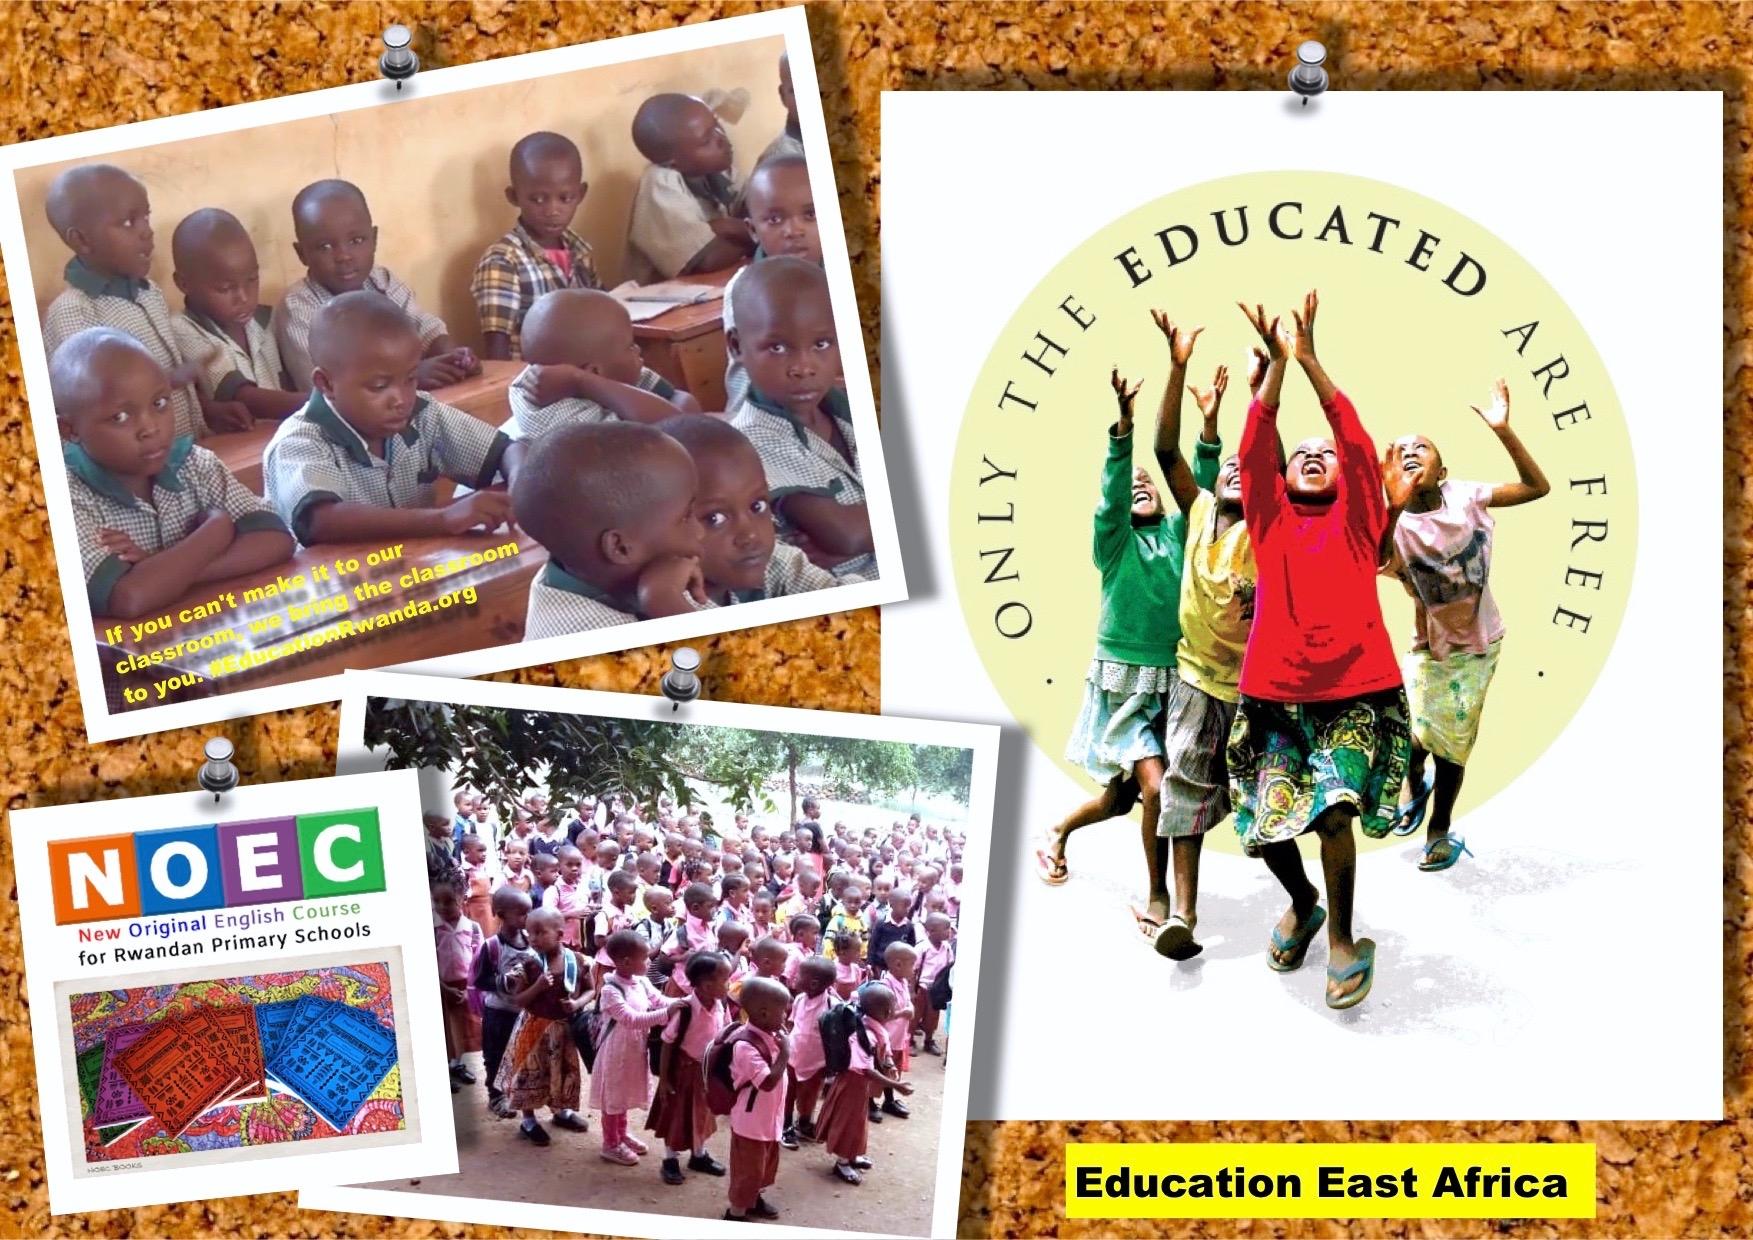 effective communication in primary schools Parent involvement effective communication school principal educational   how can effective communication in primary schools strengthen.